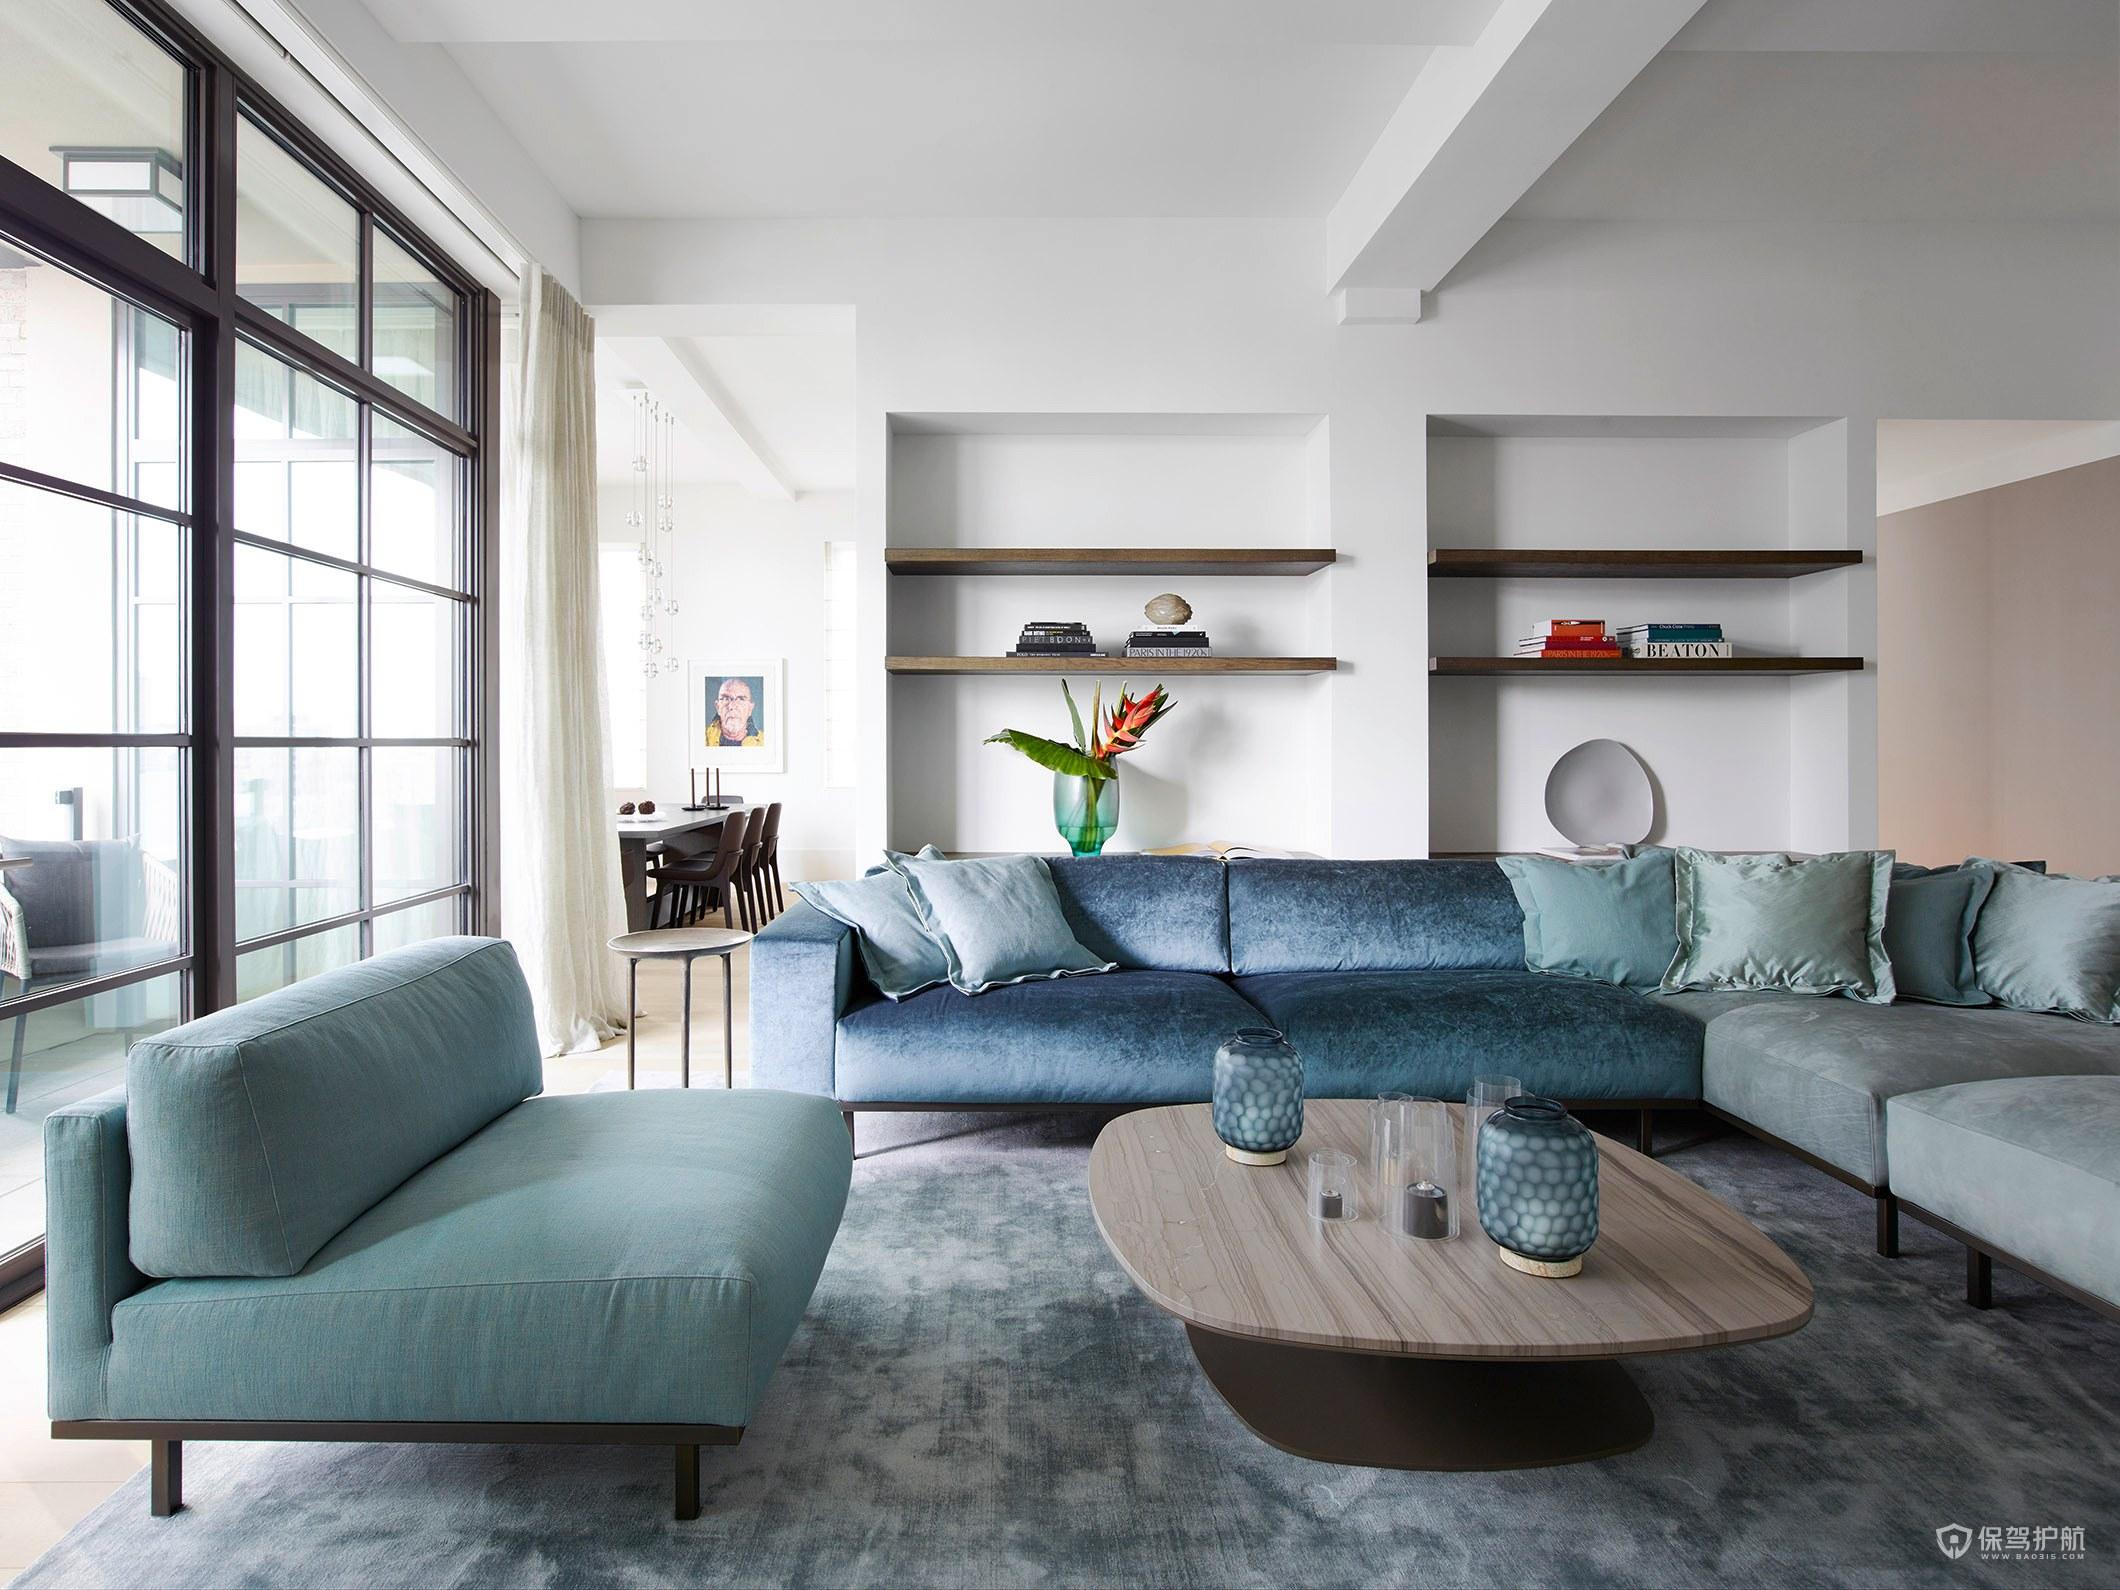 简约轻奢风四居室客厅沙发装修效果图